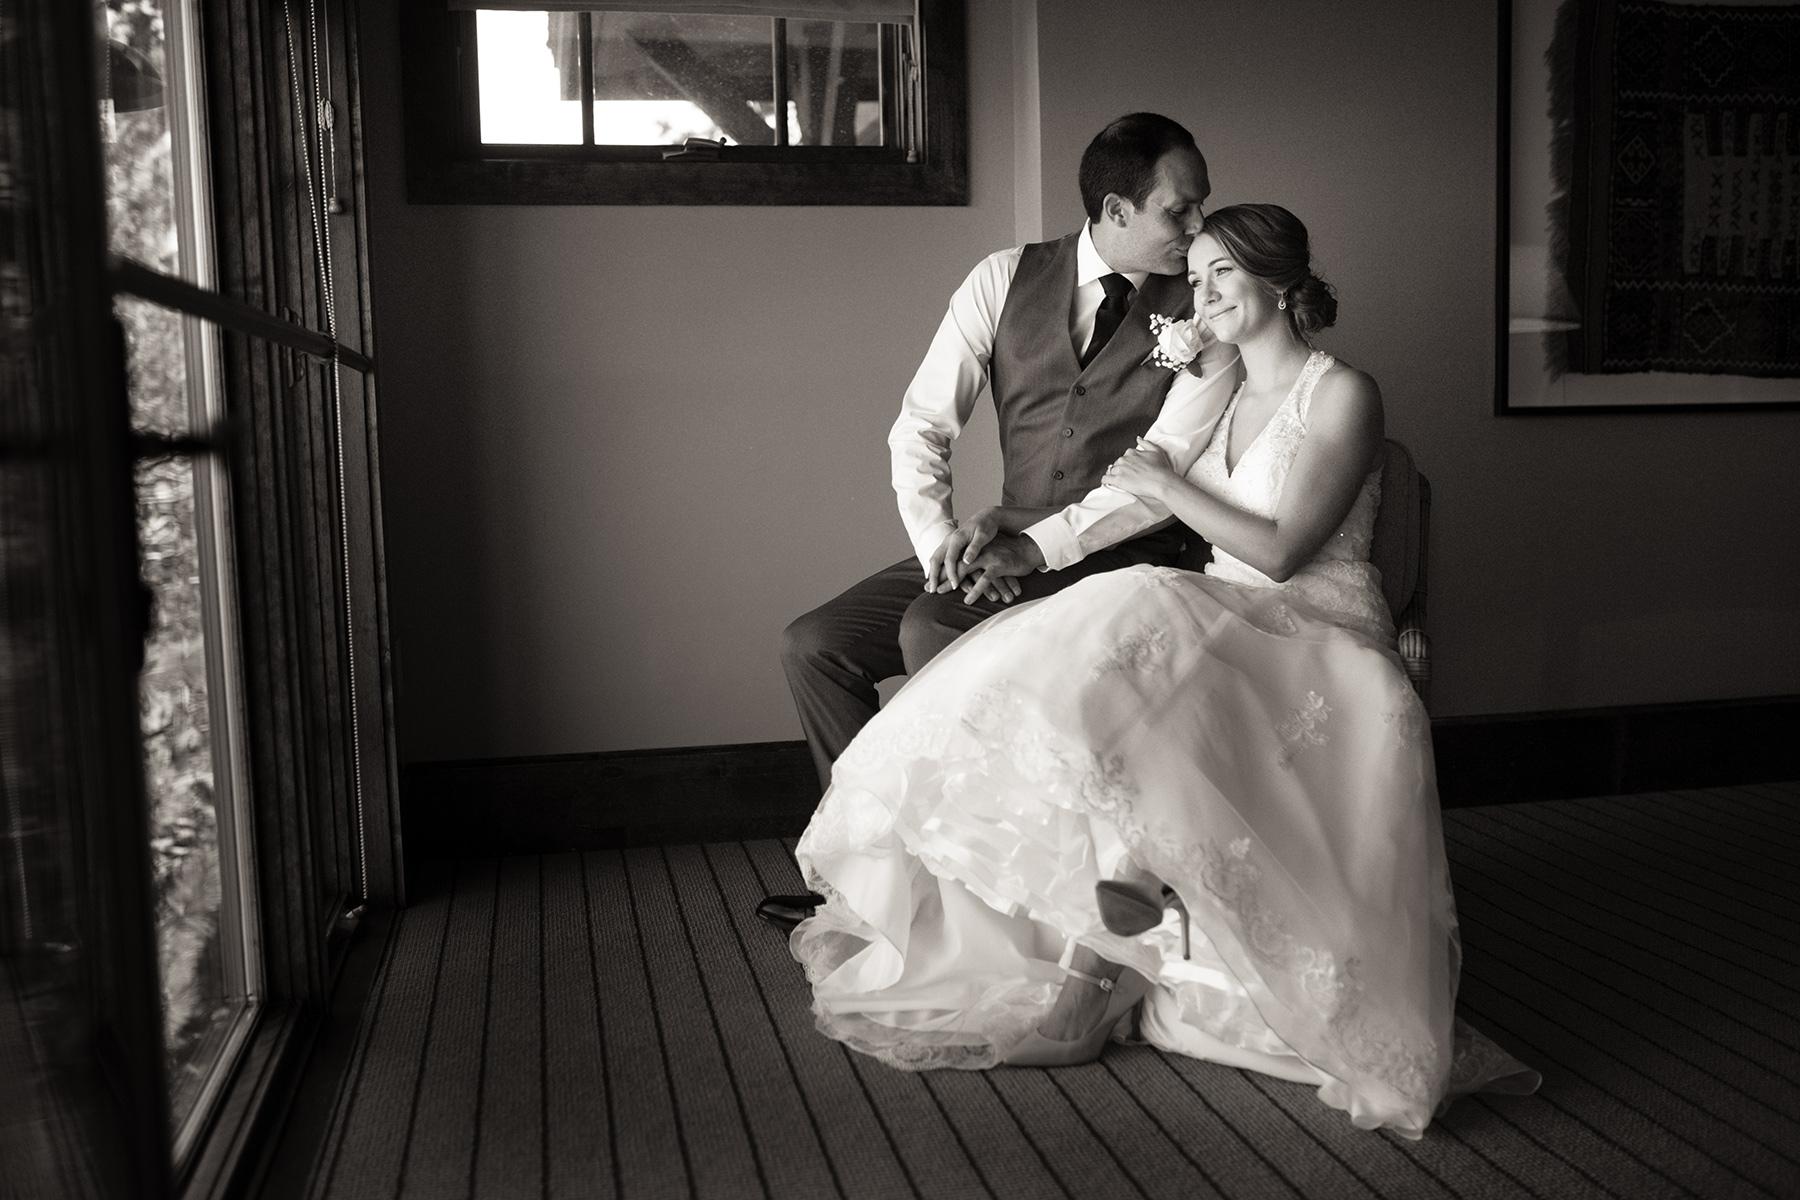 west-shore-cafe-bride-and-groom-pier-wedding